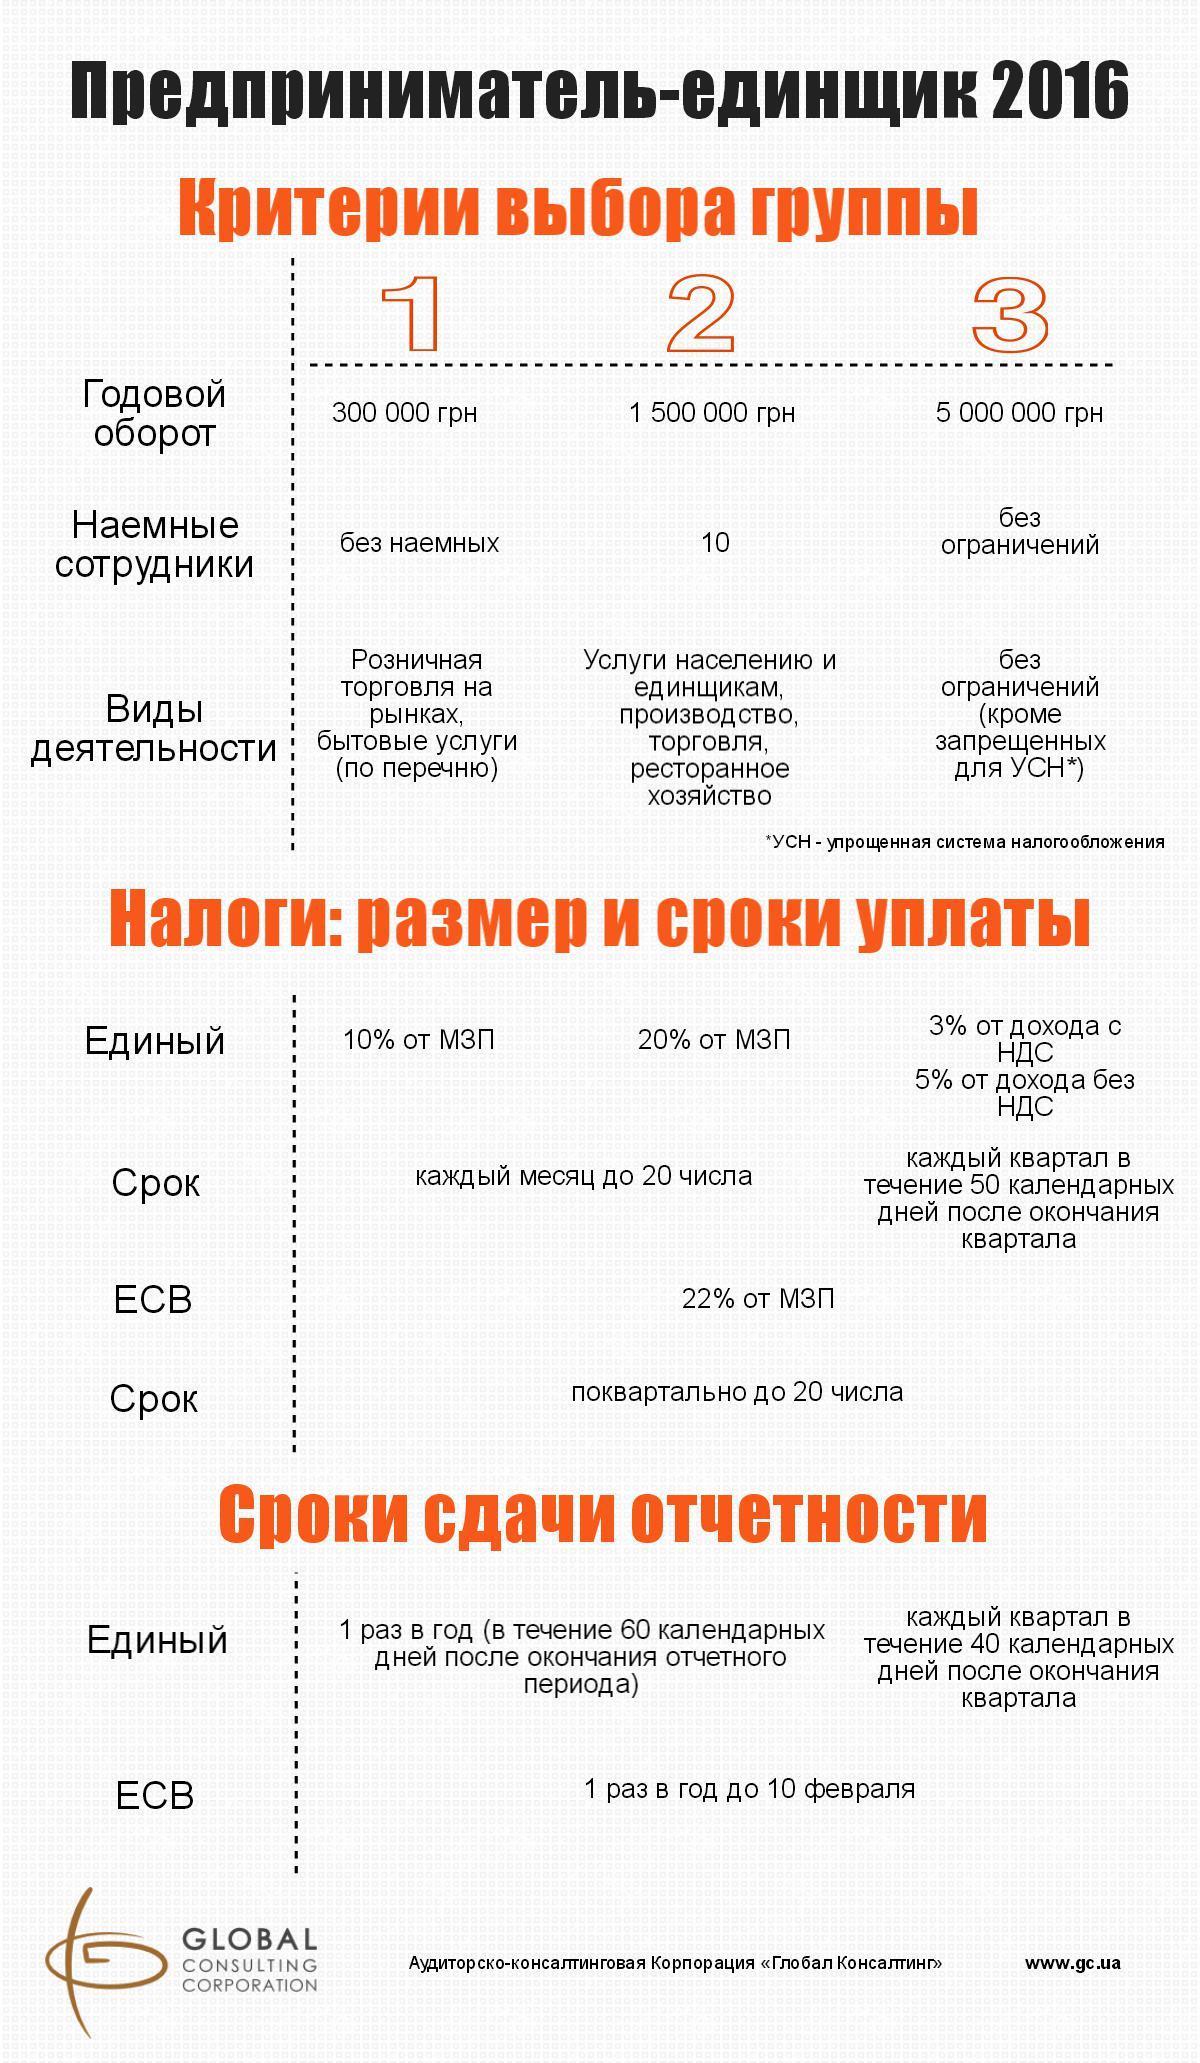 единый налог 2016